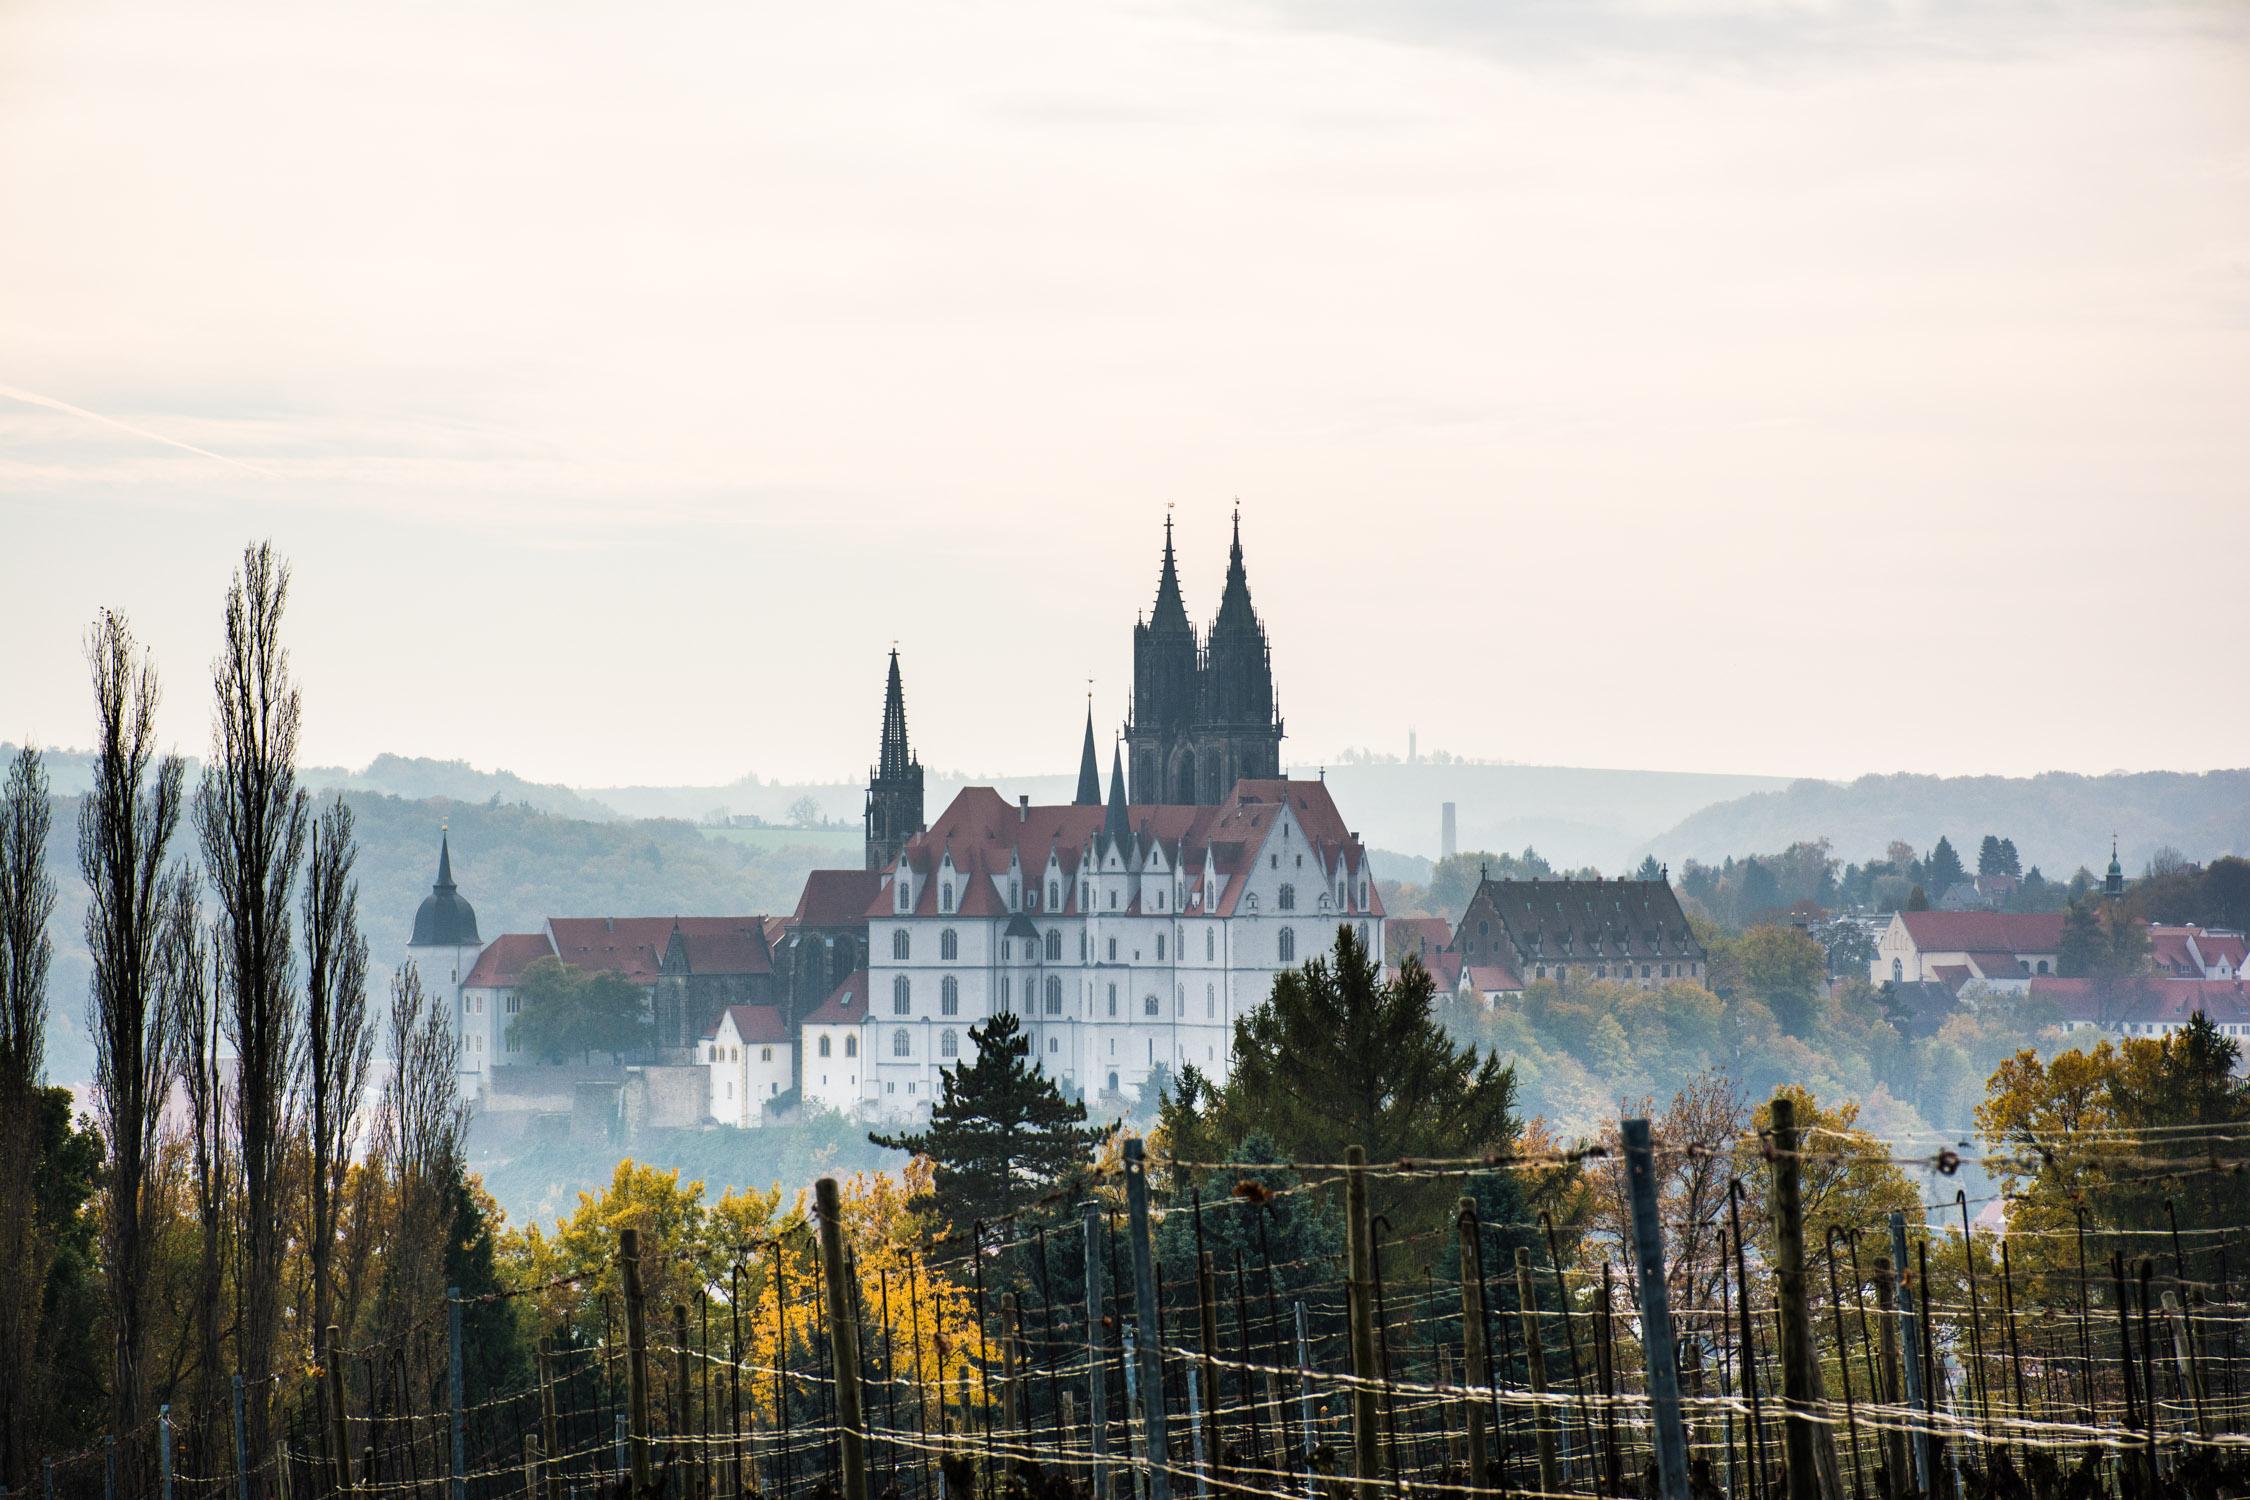 Proschwitz Weihnachtsmarkt.Visiting The Schloss Proschwitz Winery In Meissen Germany No